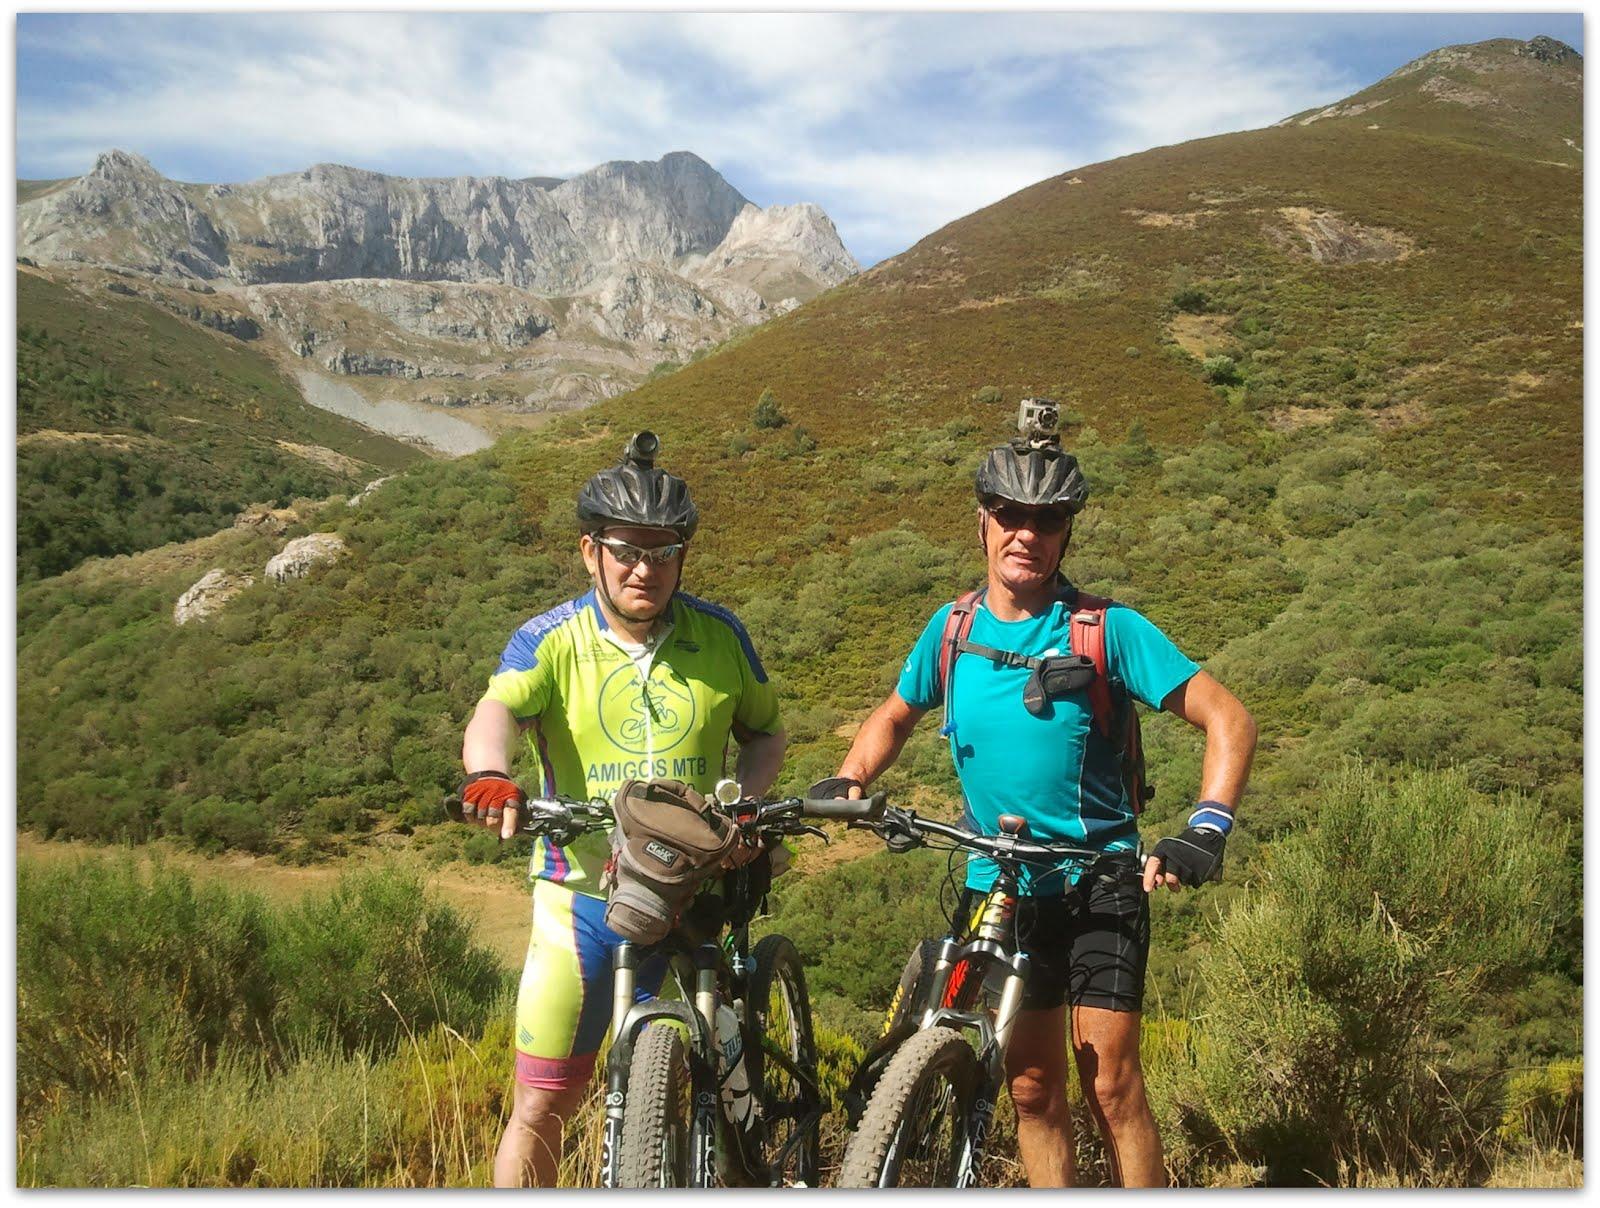 Marcha por la Cordillera Cantábrica.19.07.2015. Primera parte